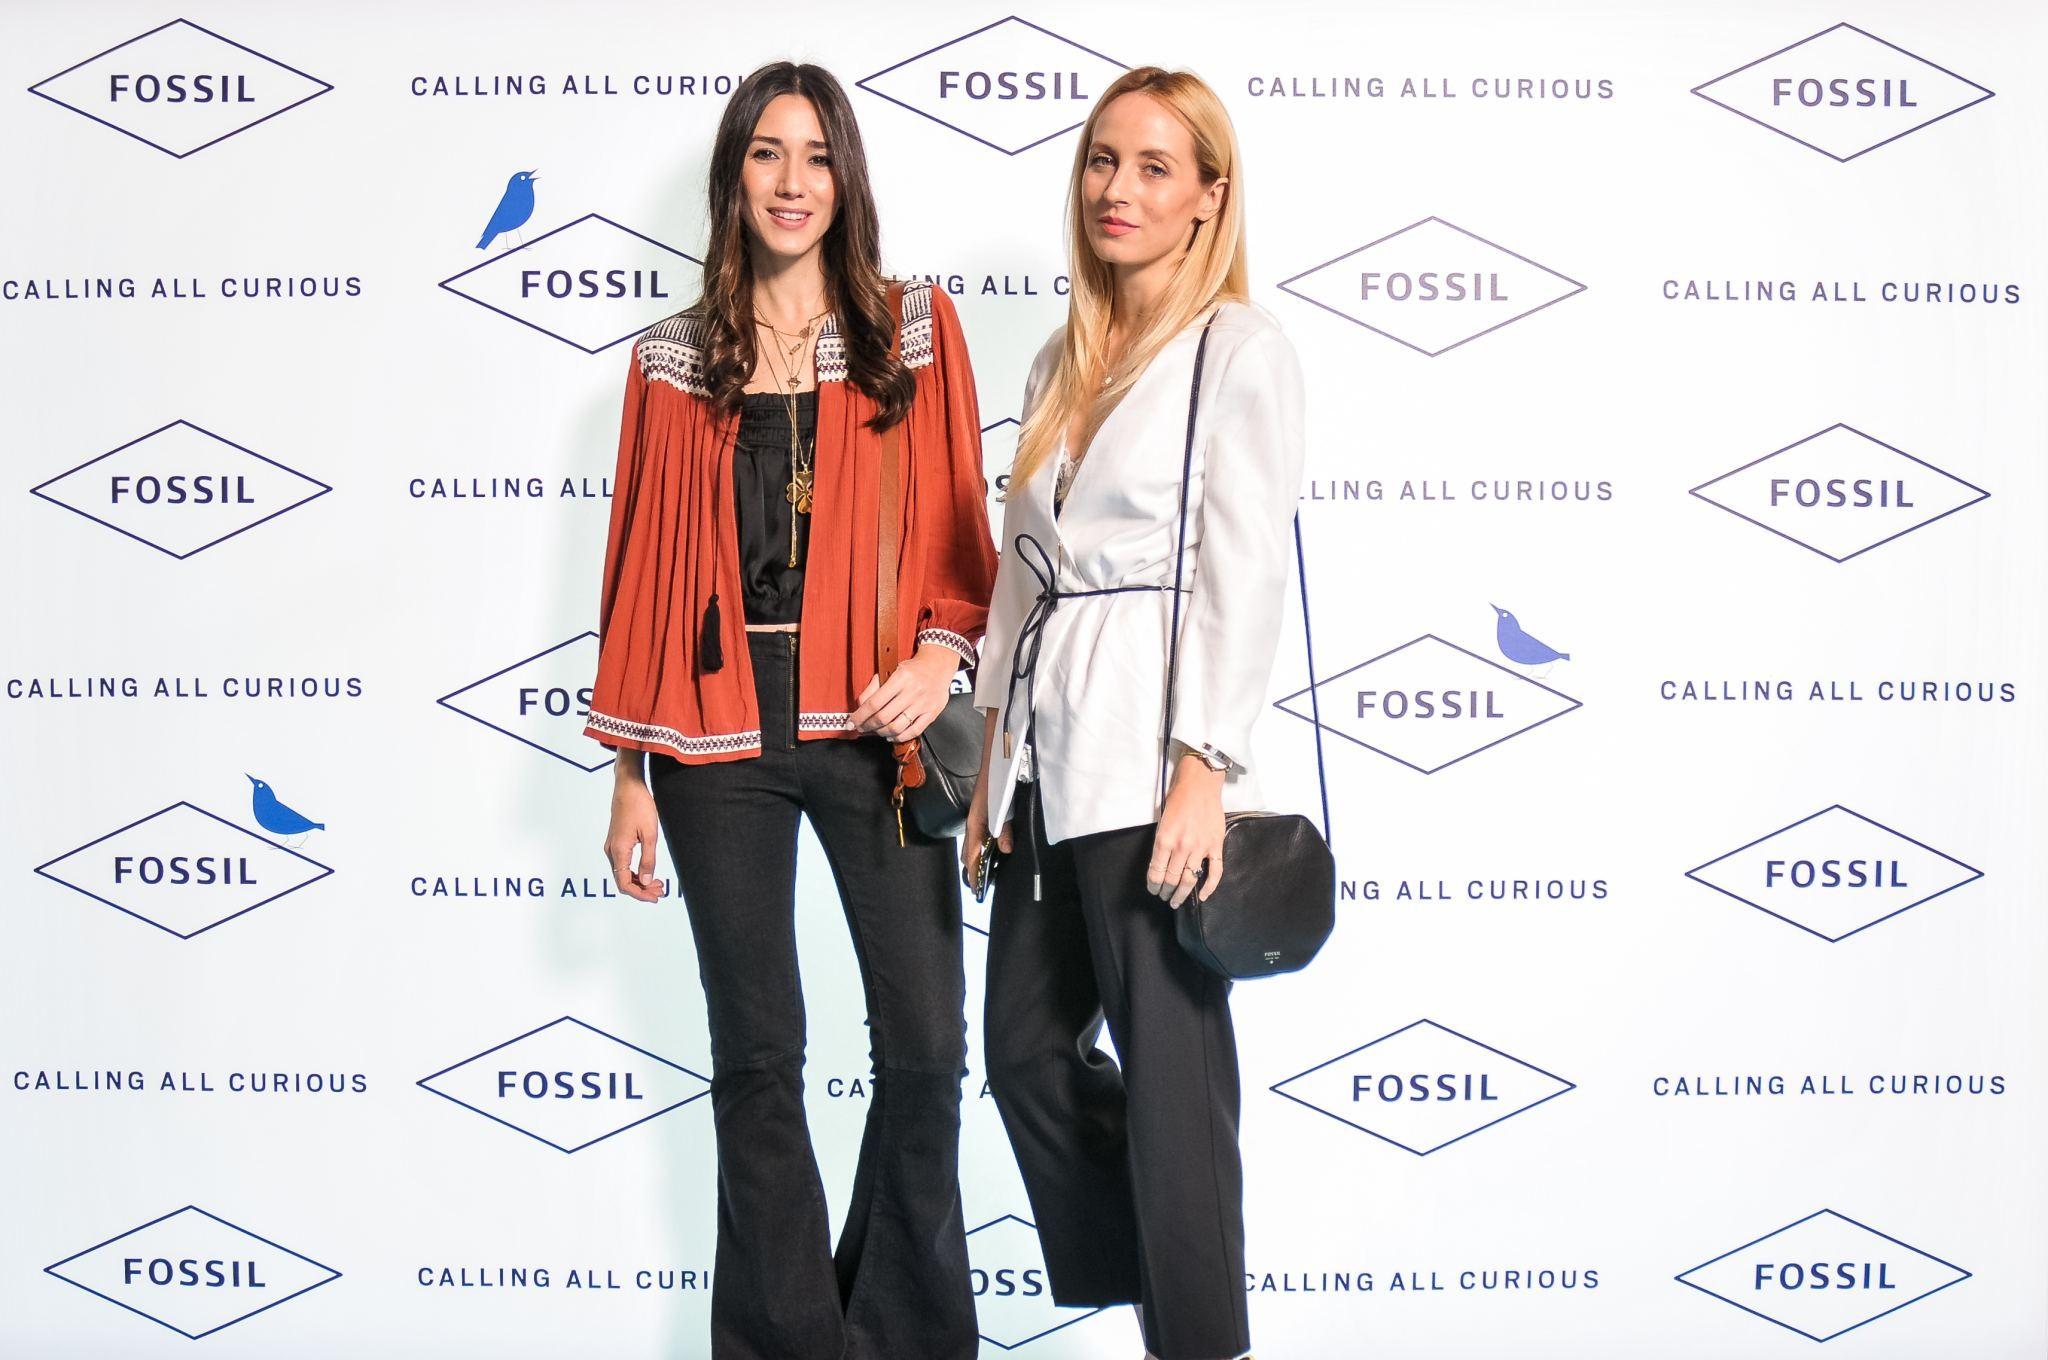 01fossil_romania_fabulous_muses_magazin_fossil_diana_Enciu_Alina_tanasa_Afi